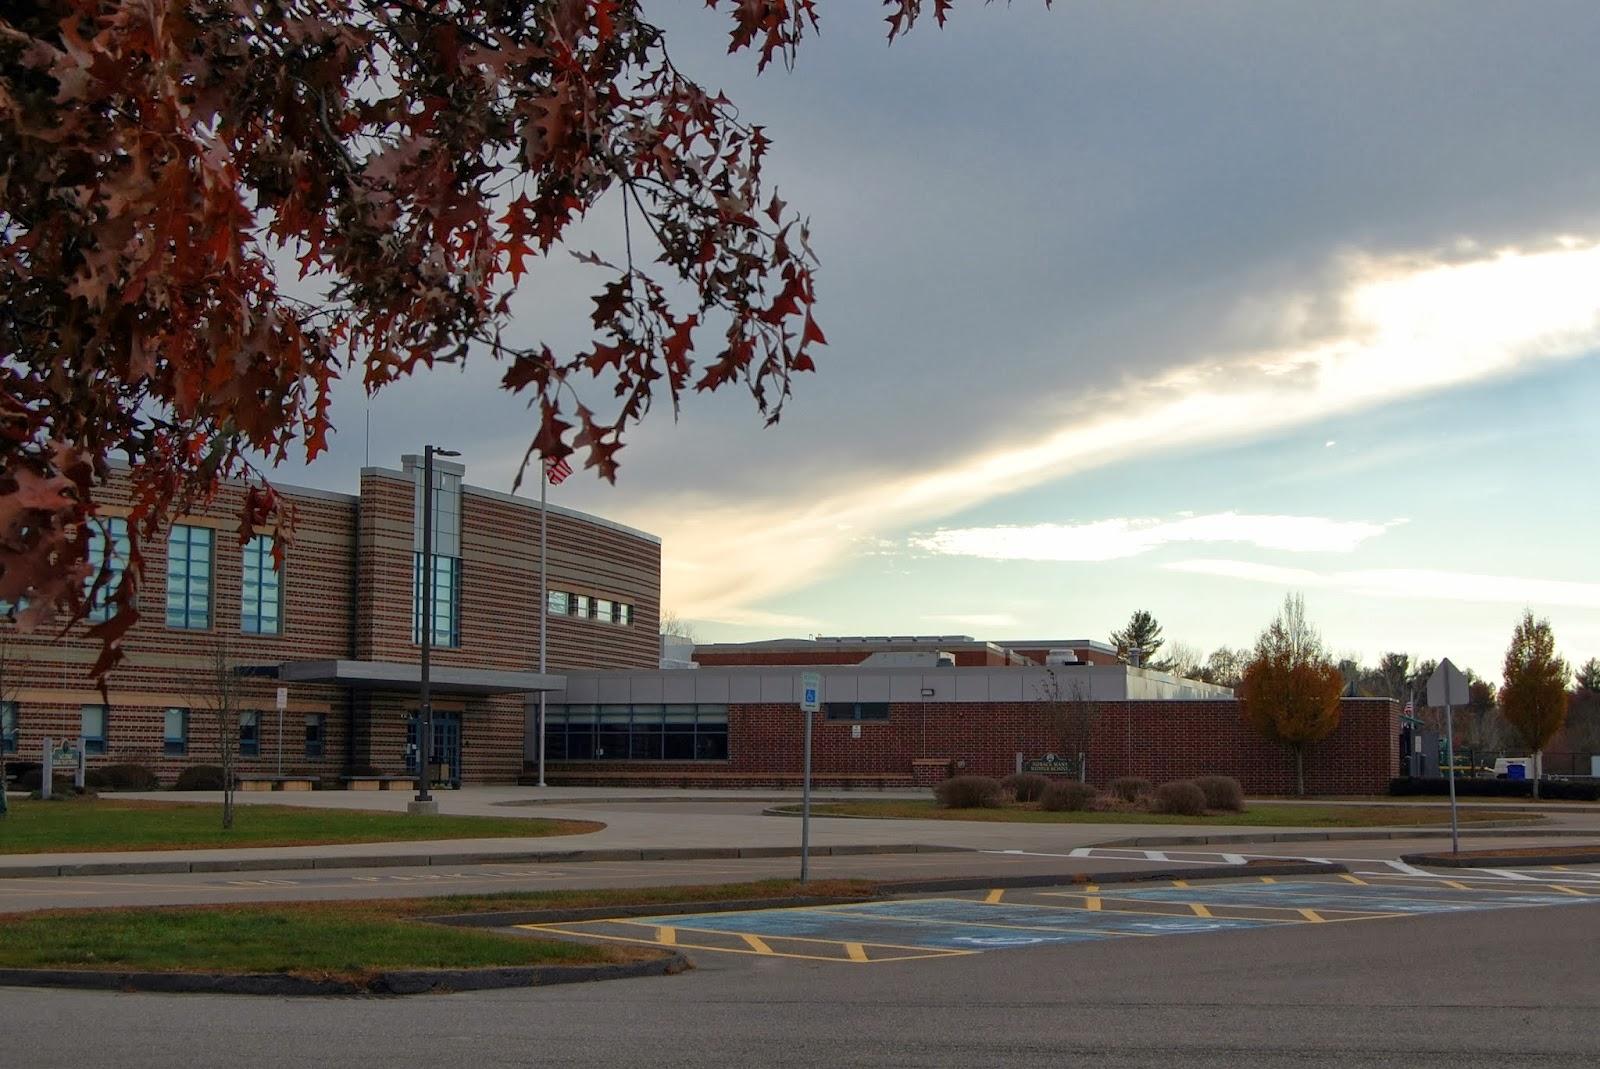 Oak St - Horace Mann Complex